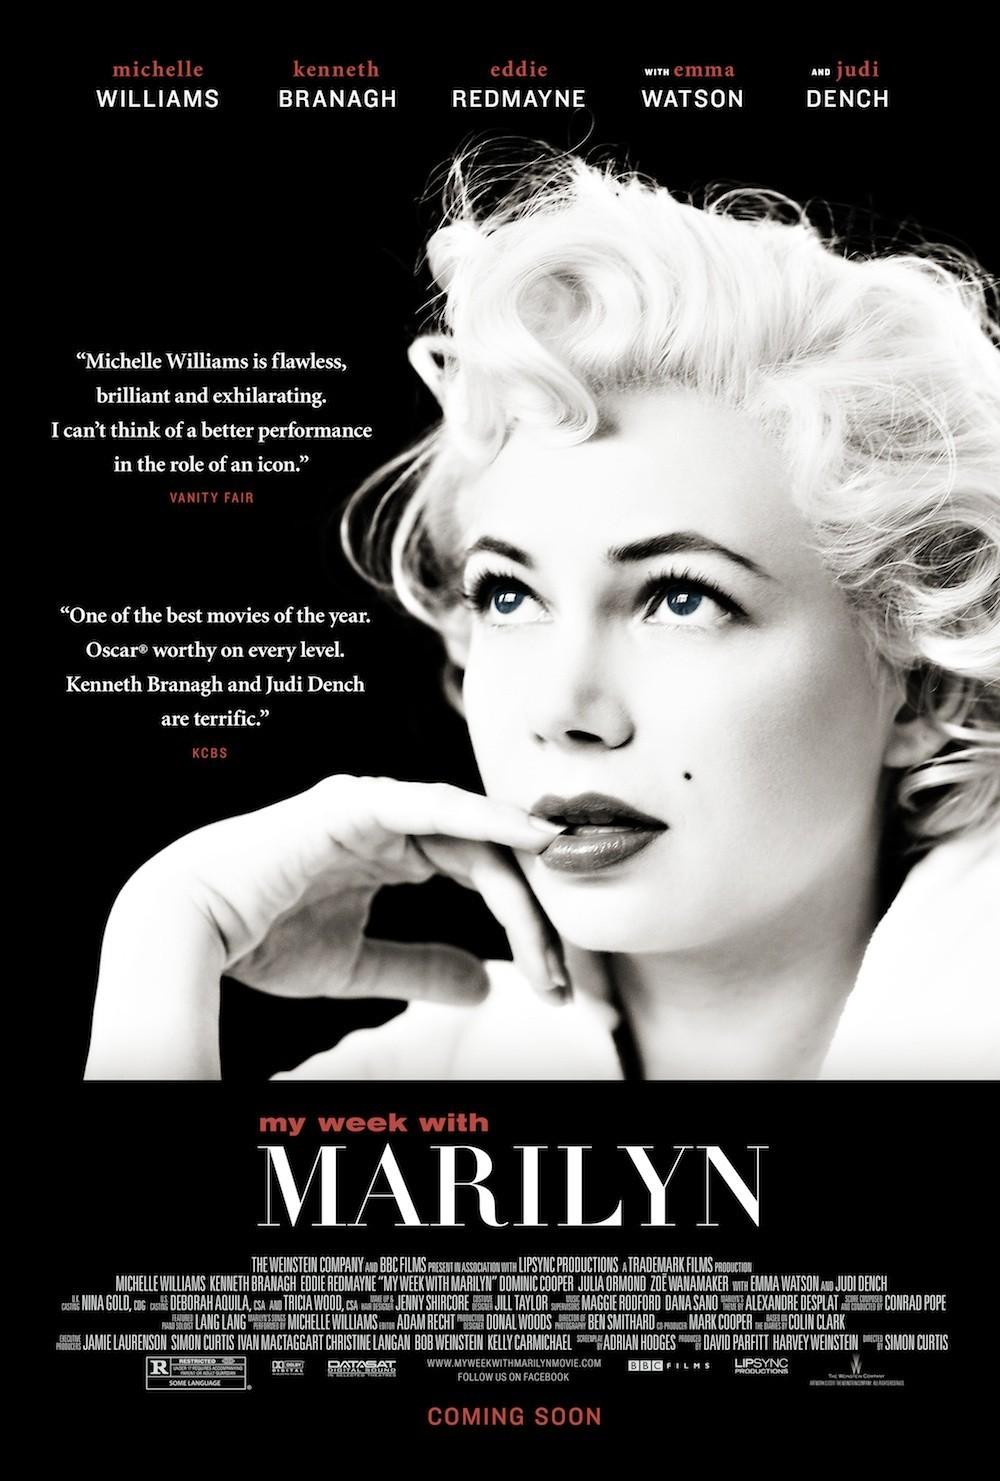 Sete Dias com Marilyn [Dub] – IMDB 7.0